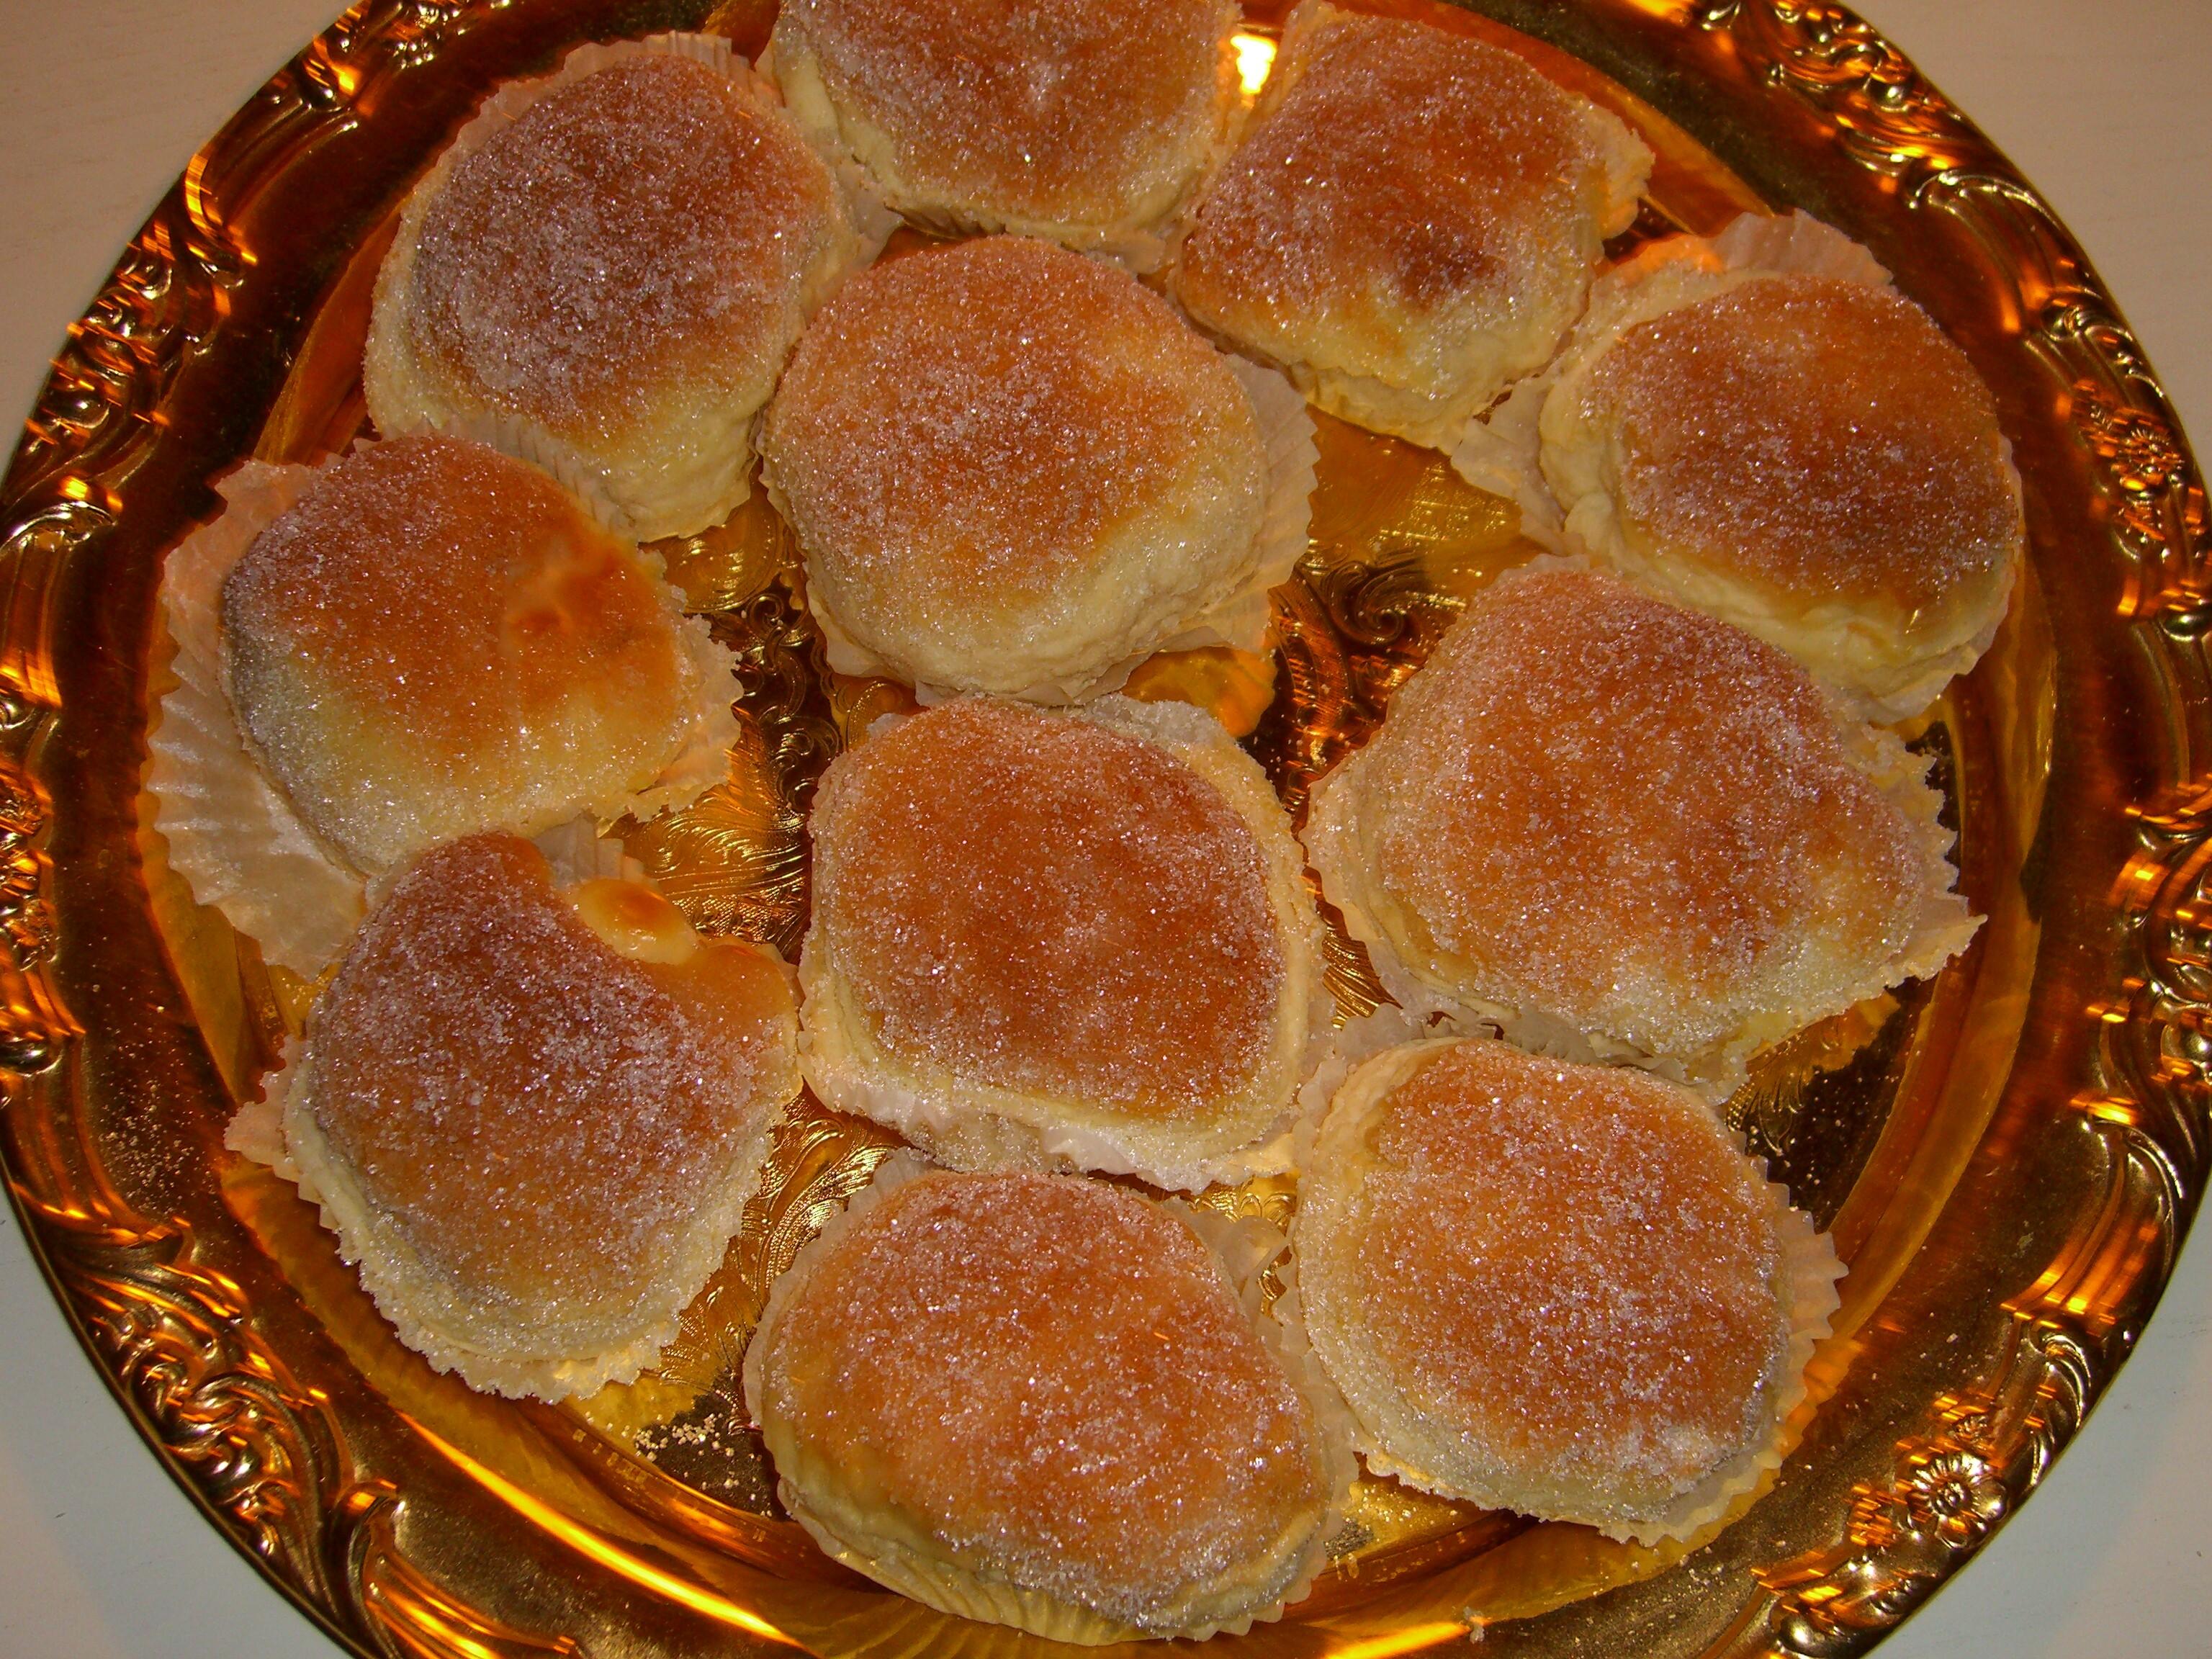 baka kakor med äggula